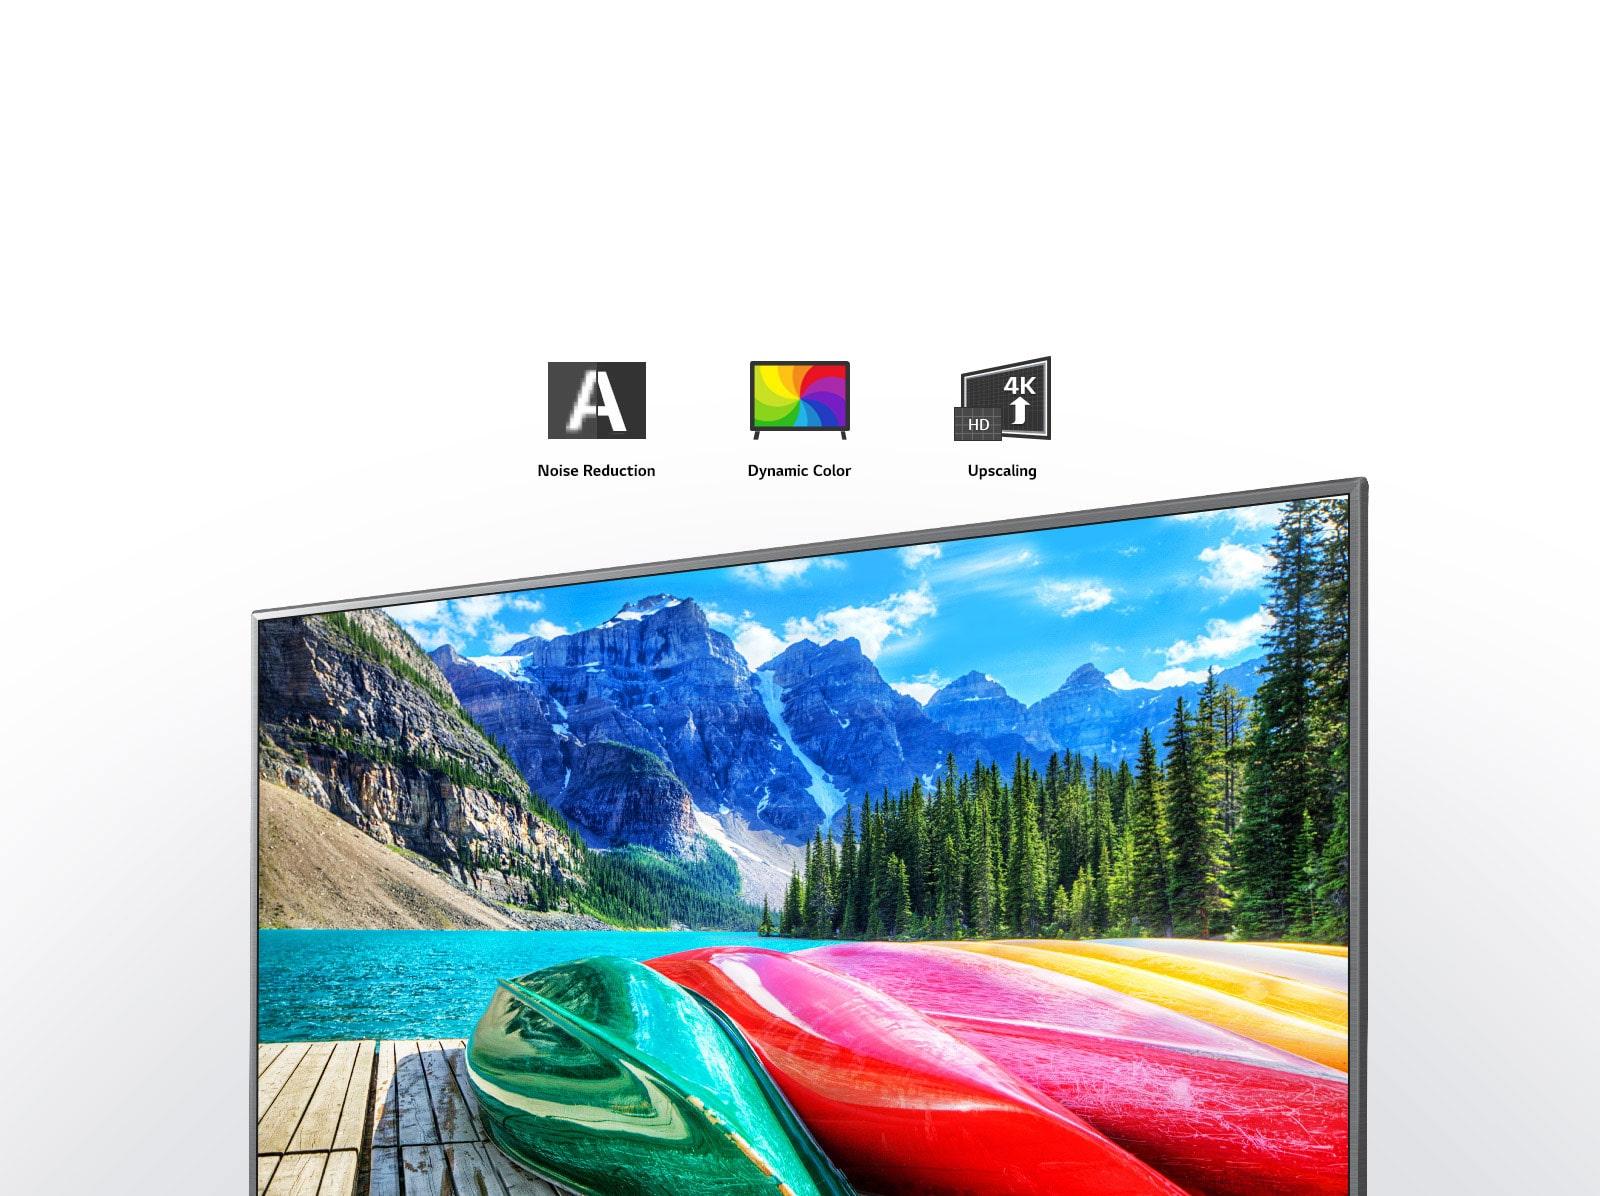 Réduction du bruit, couleurs dynamiques, icônes de mise à l'échelle et écran de télévision montrant une vue panoramique des montagnes, de la forêt et d'un lac.